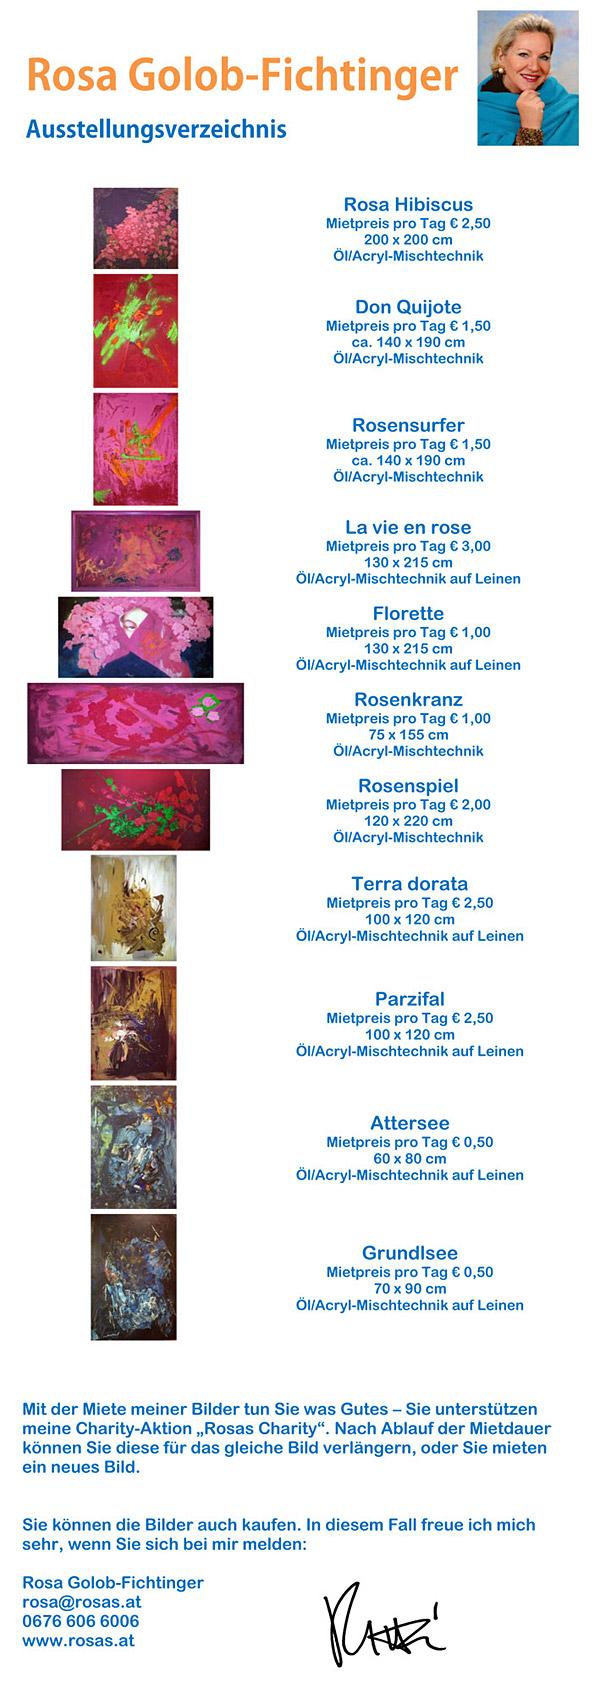 Rosas Charity - Ausstellungsverzeichnis Bilder im Landhaus St.Pölten